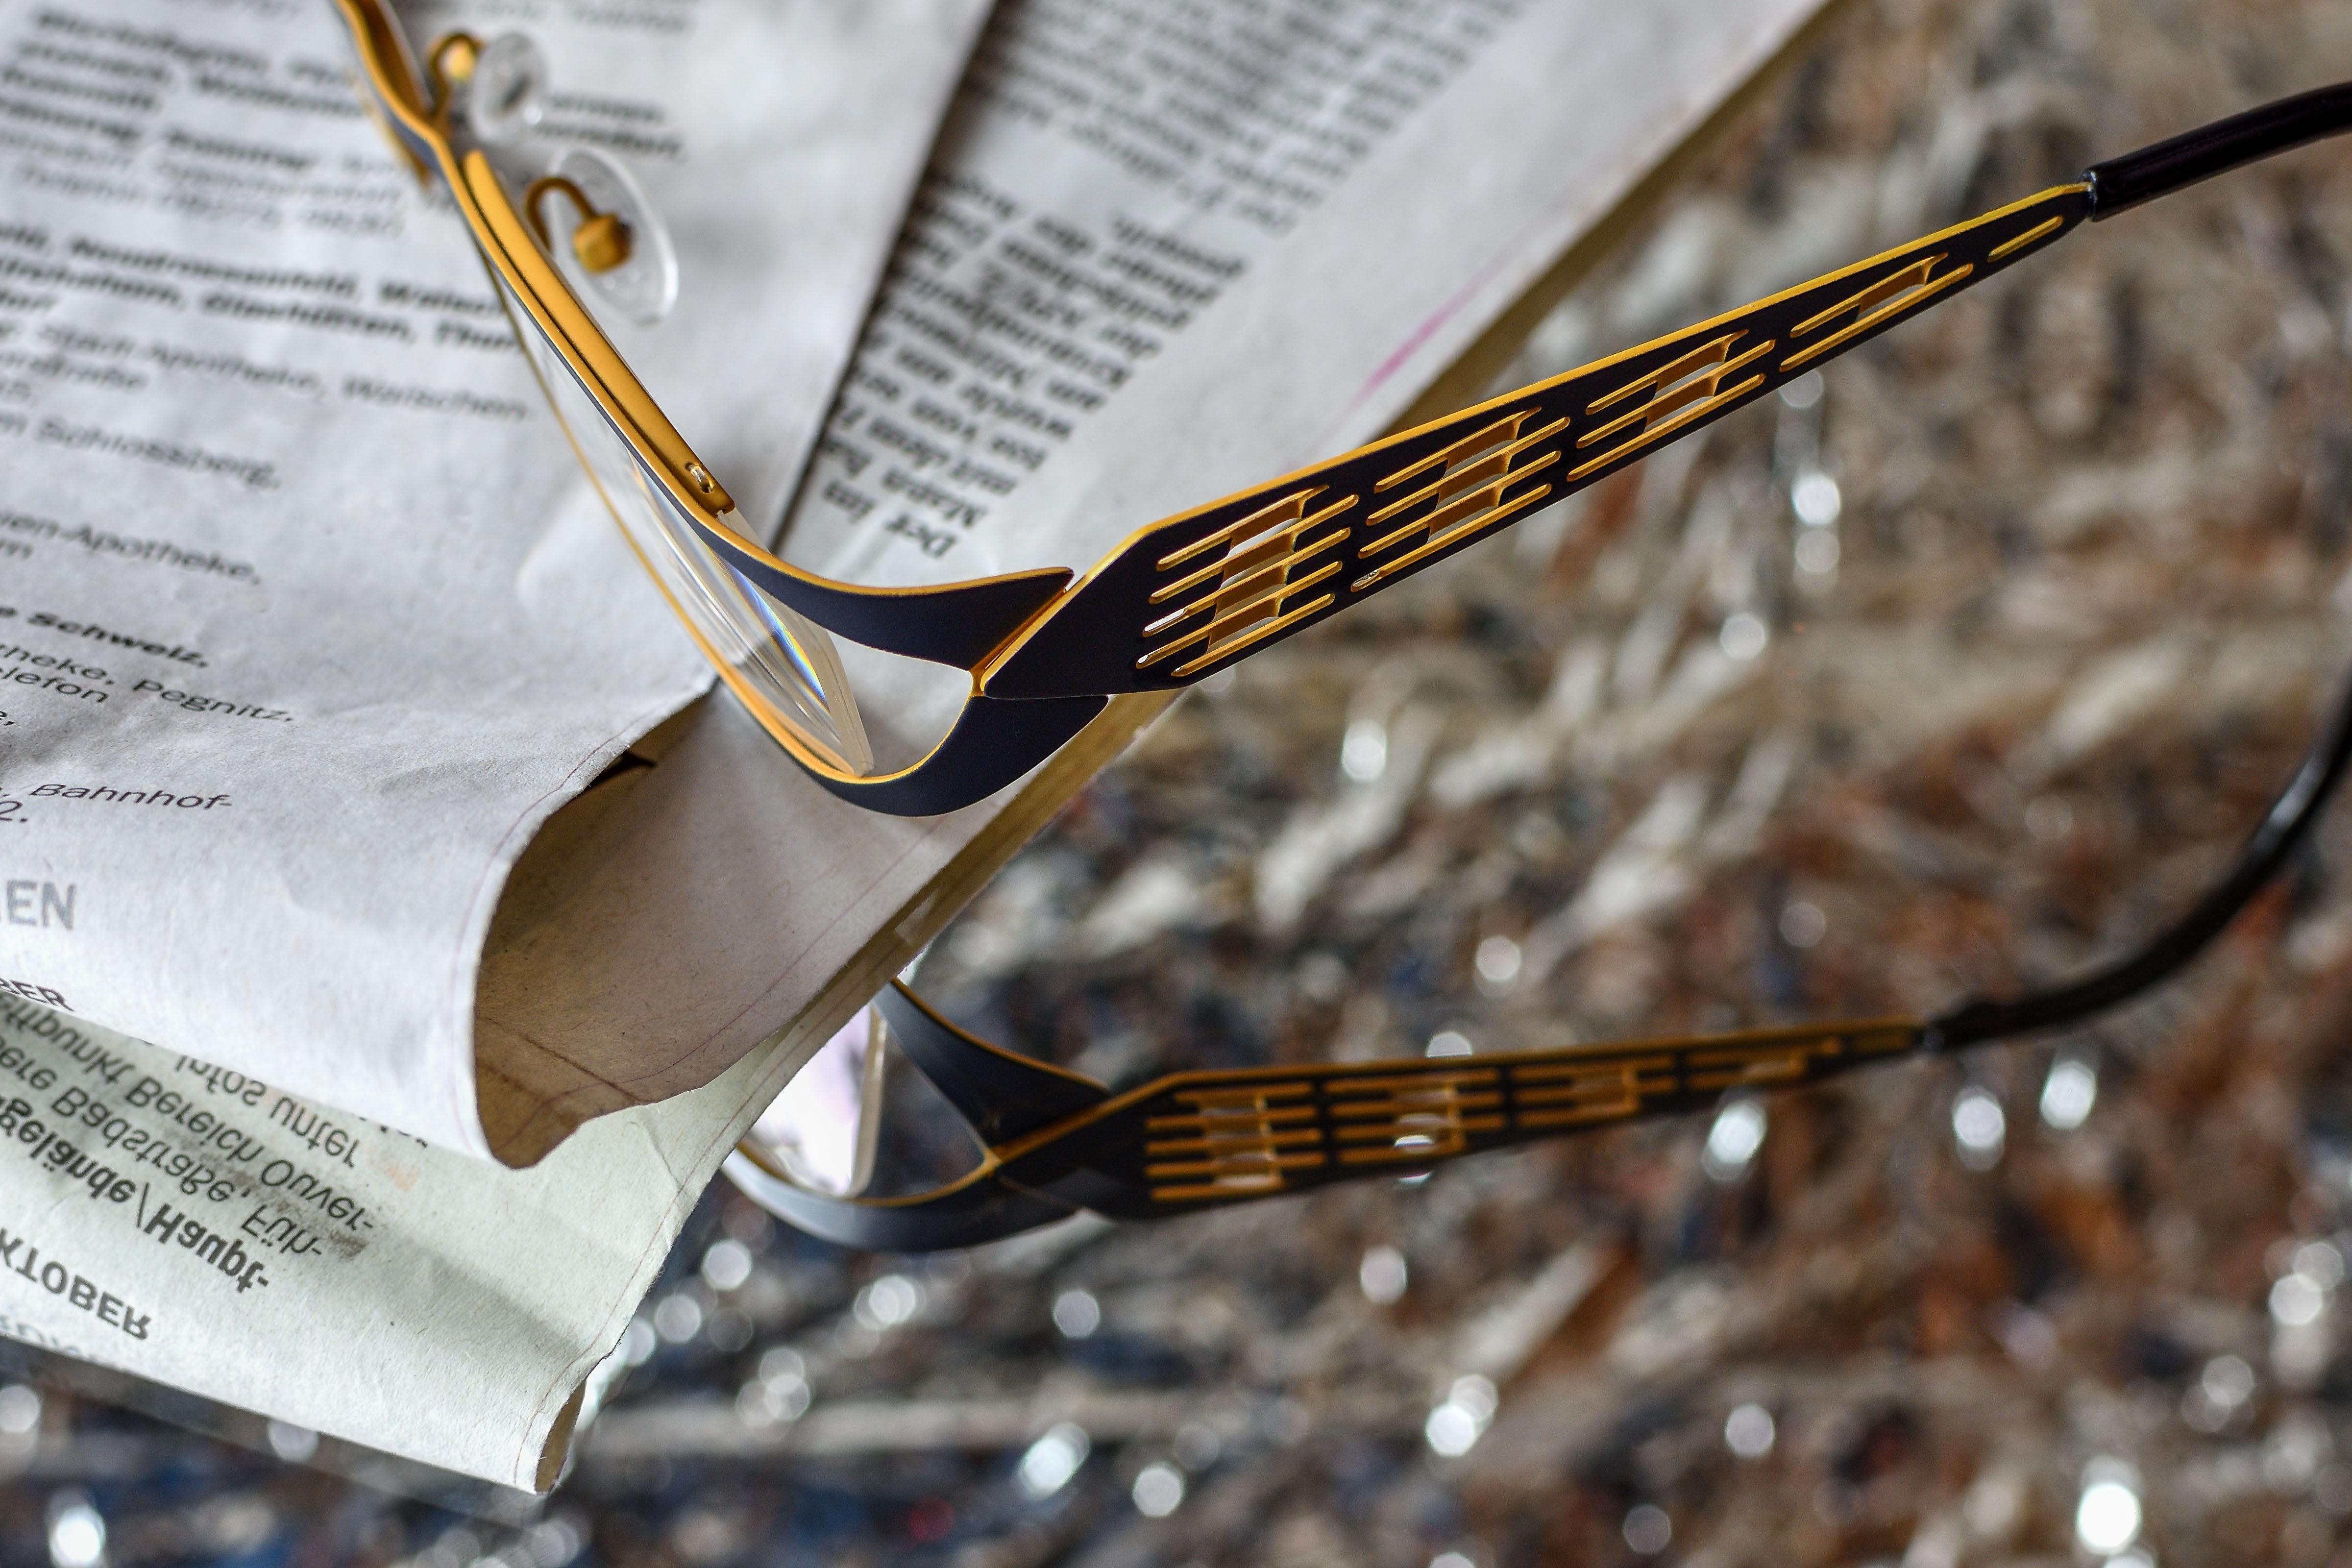 Fotos gratis : leer, utensilio, Bokeh, periódico, metal, negro ...